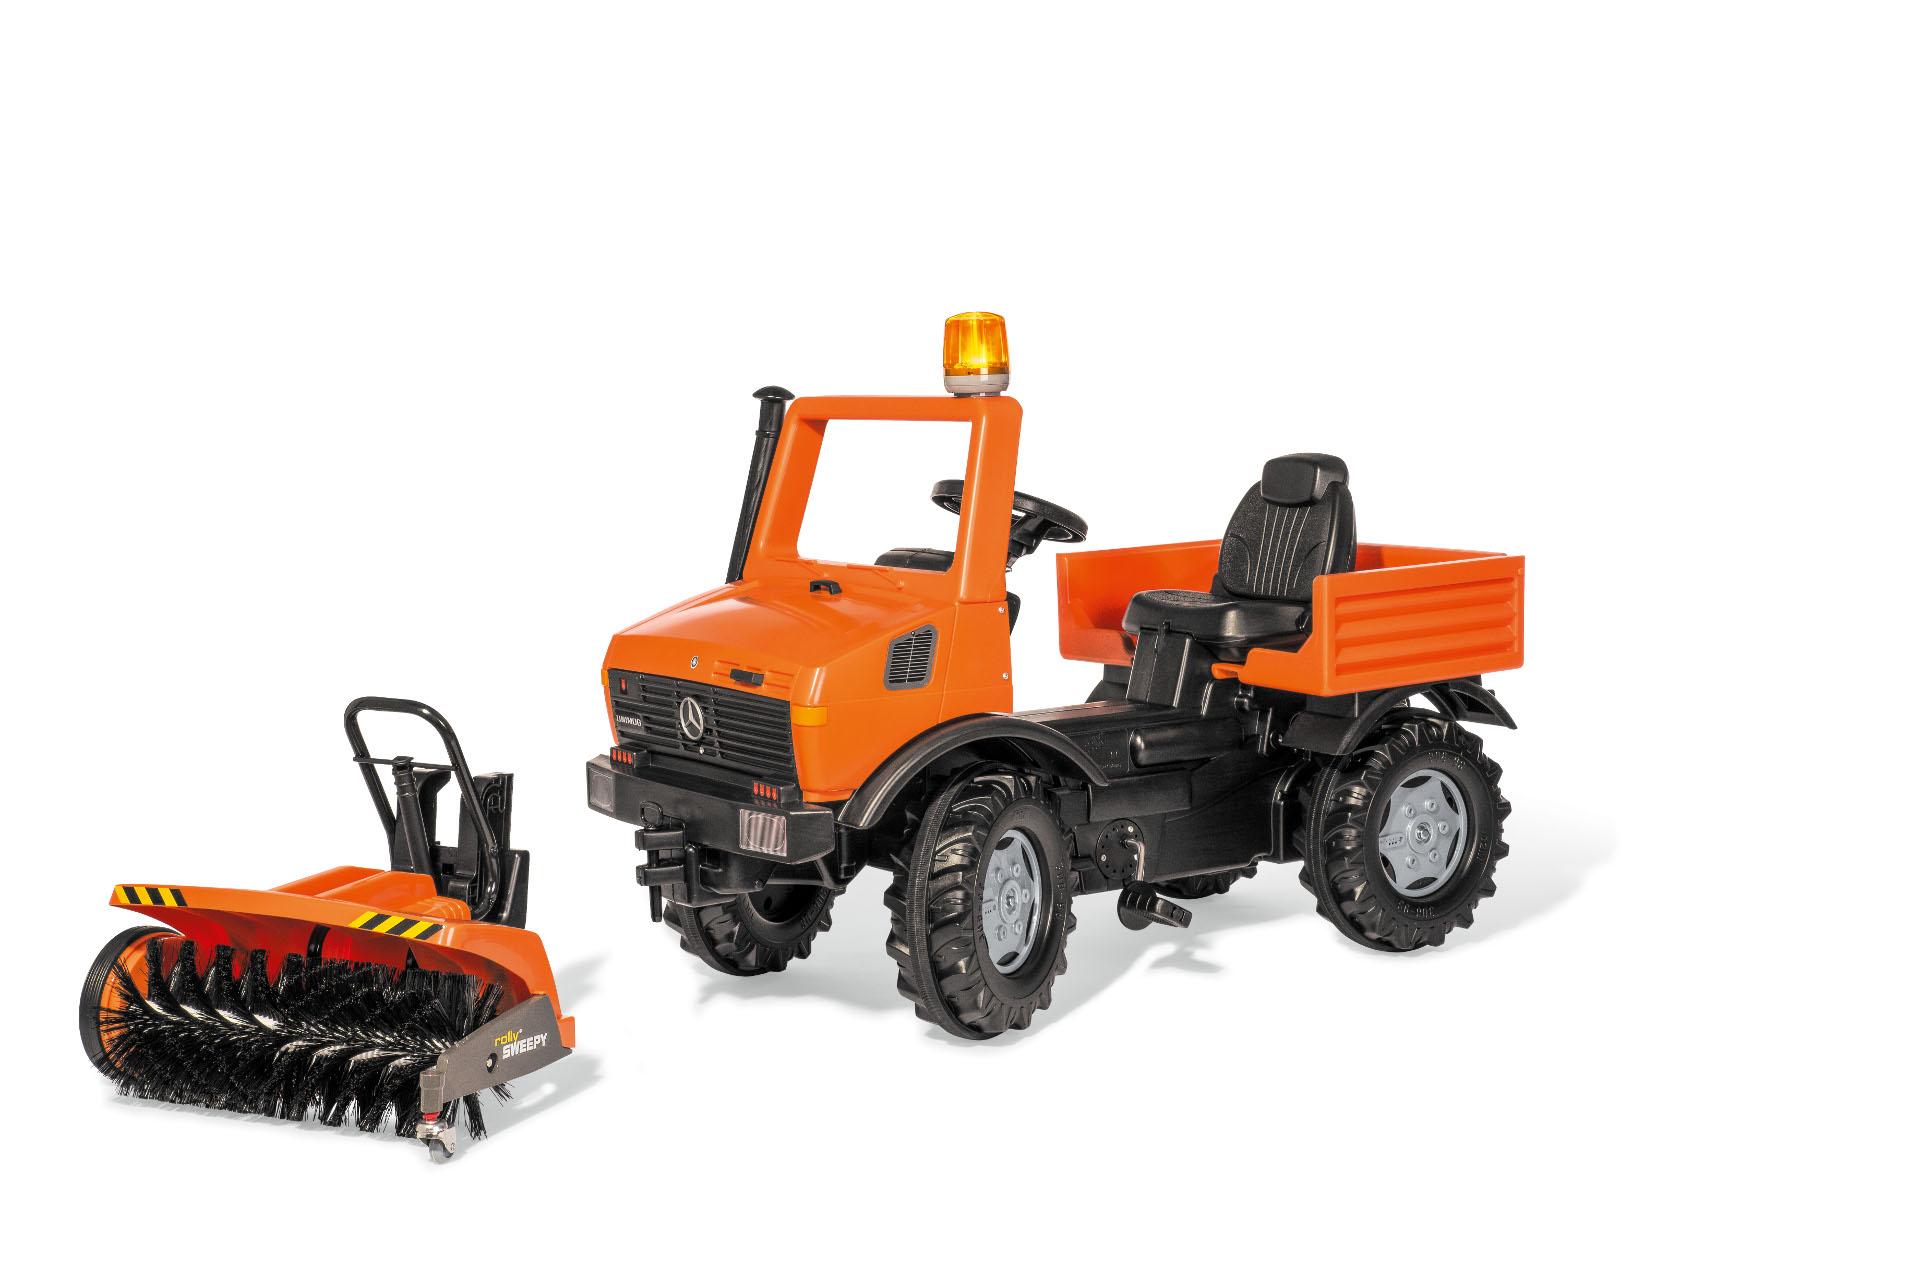 Camion mercedes unimog naranja-002 width=